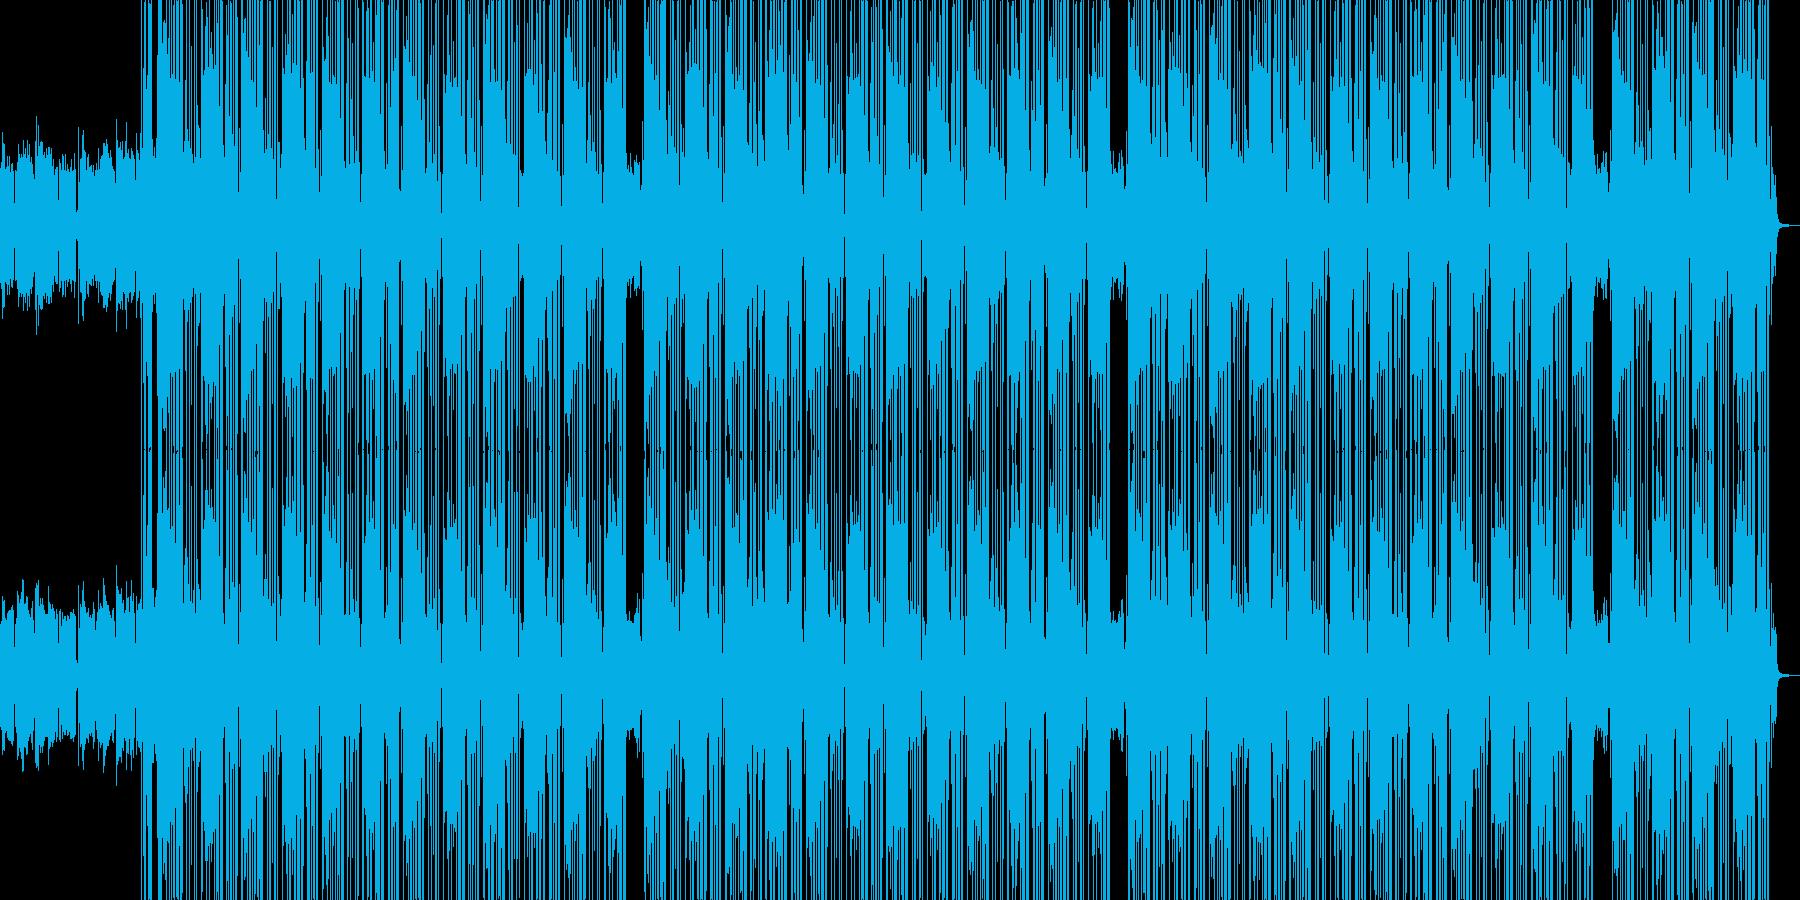 テンション高めイケイケHIPHOPビートの再生済みの波形